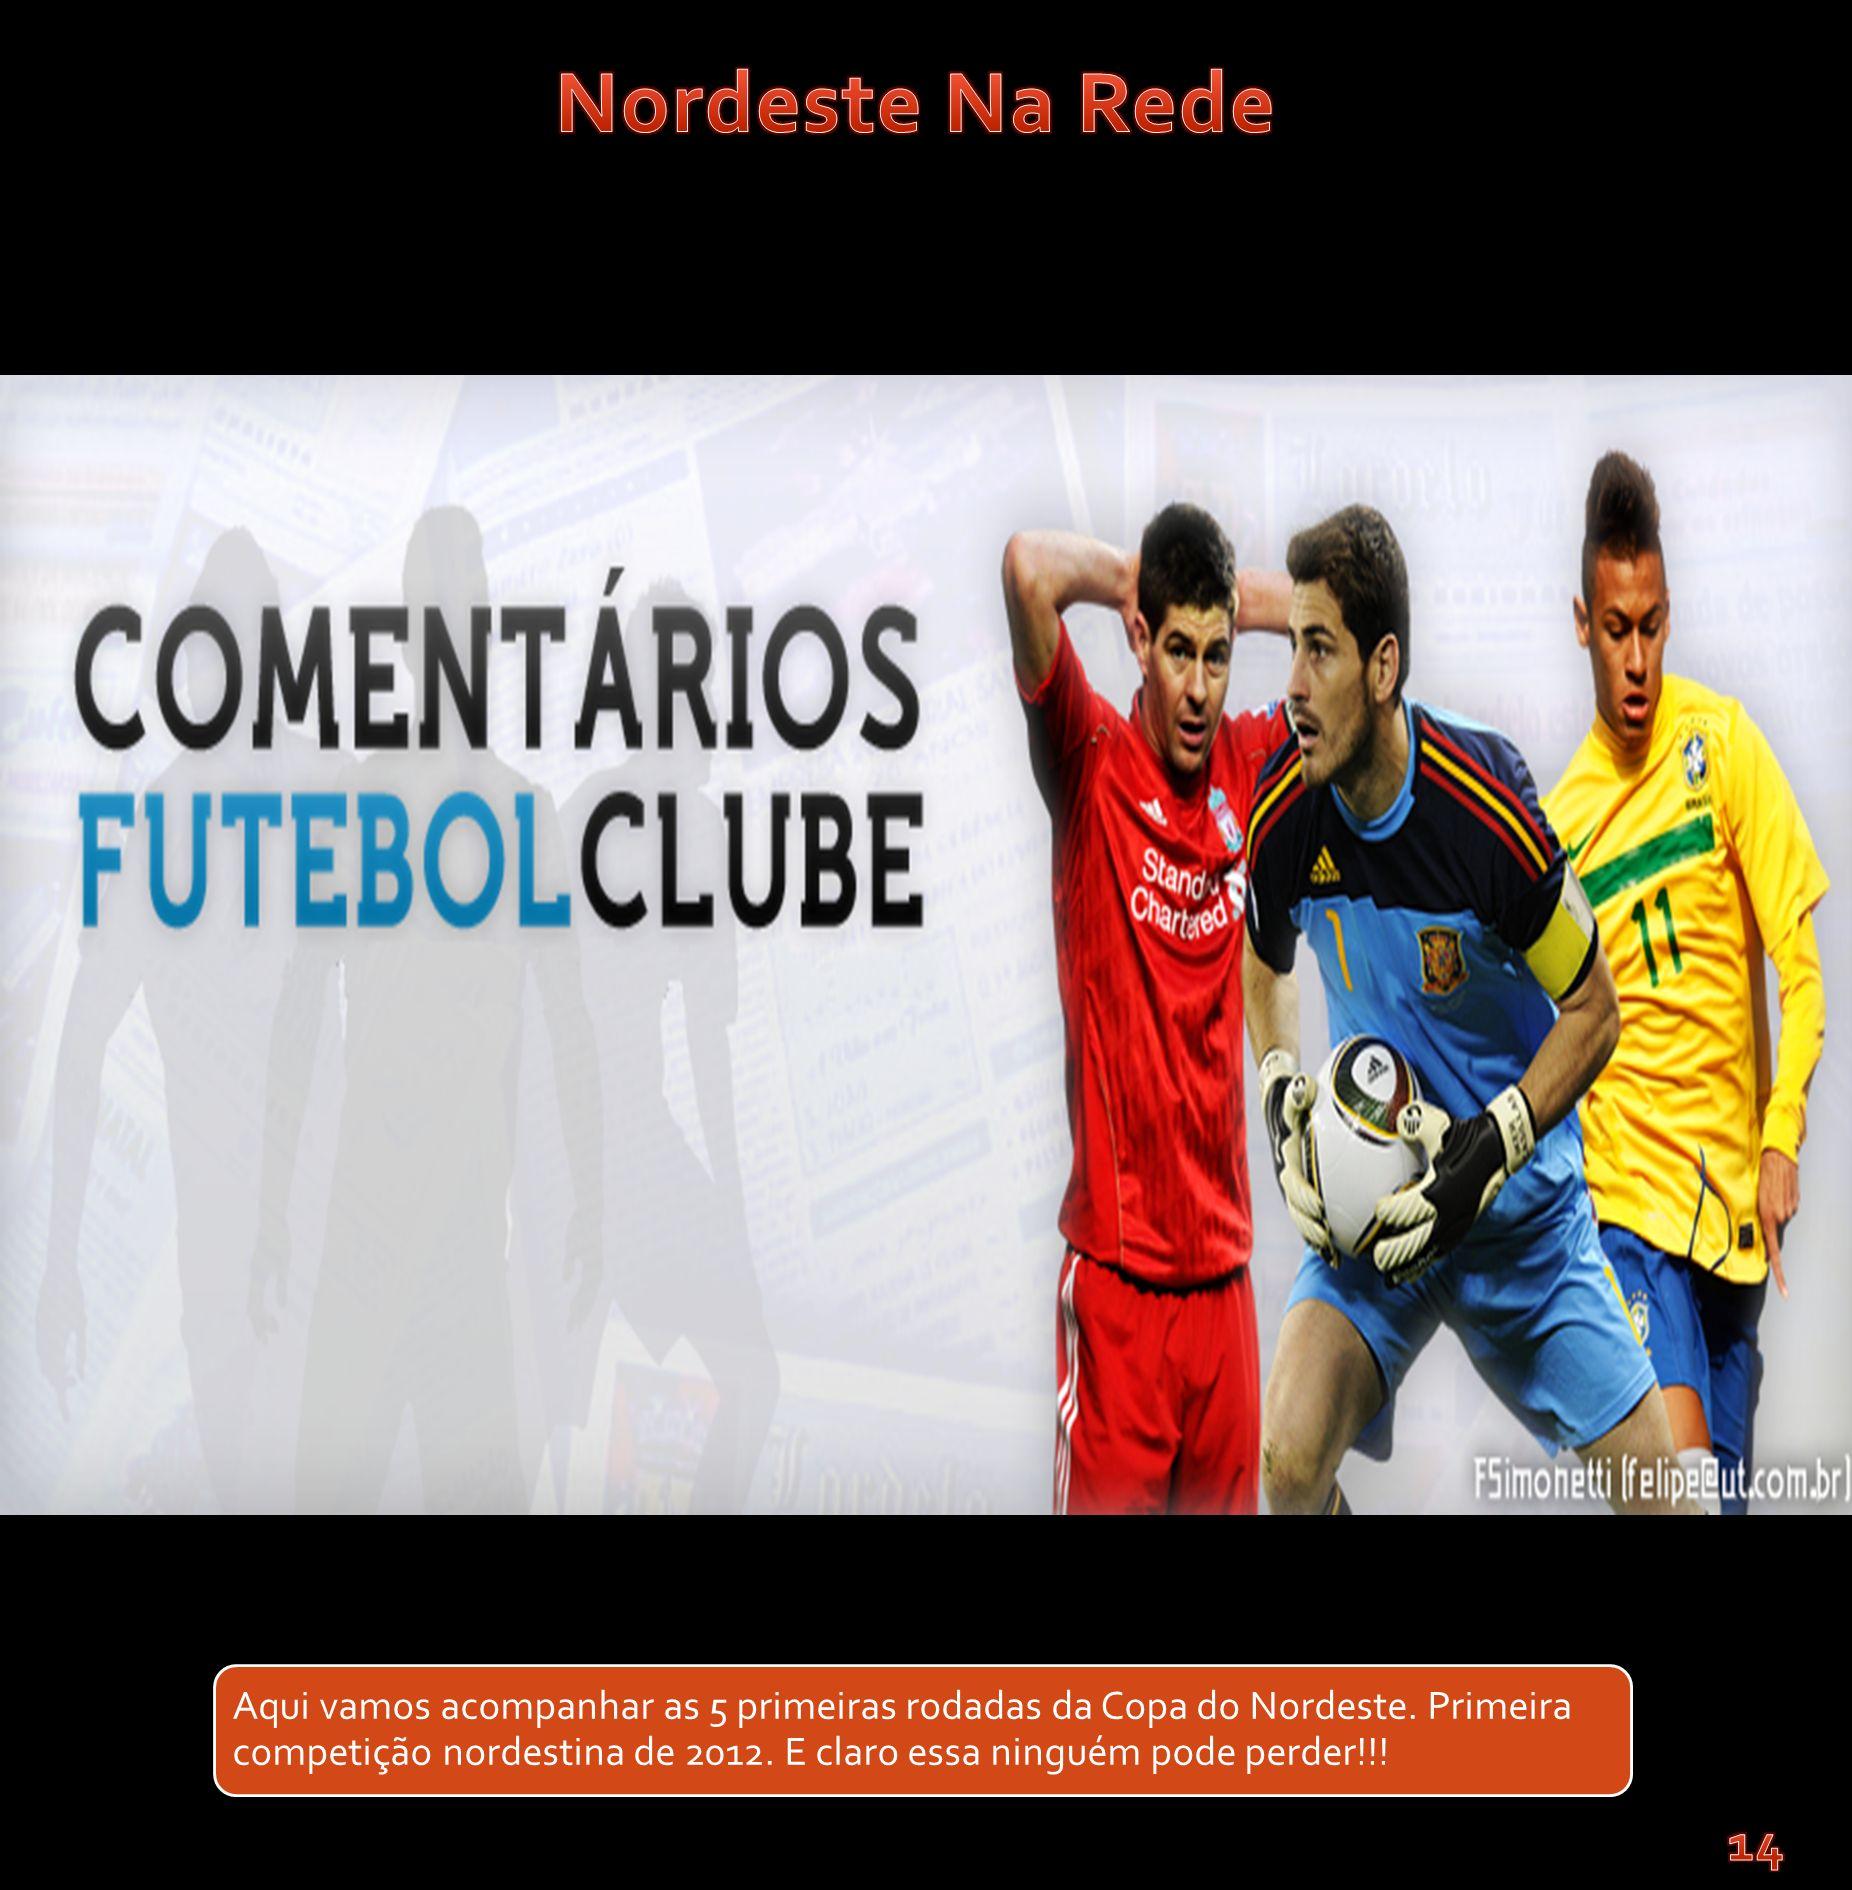 Aqui vamos acompanhar as 5 primeiras rodadas da Copa do Nordeste. Primeira competição nordestina de 2012. E claro essa ninguém pode perder!!!